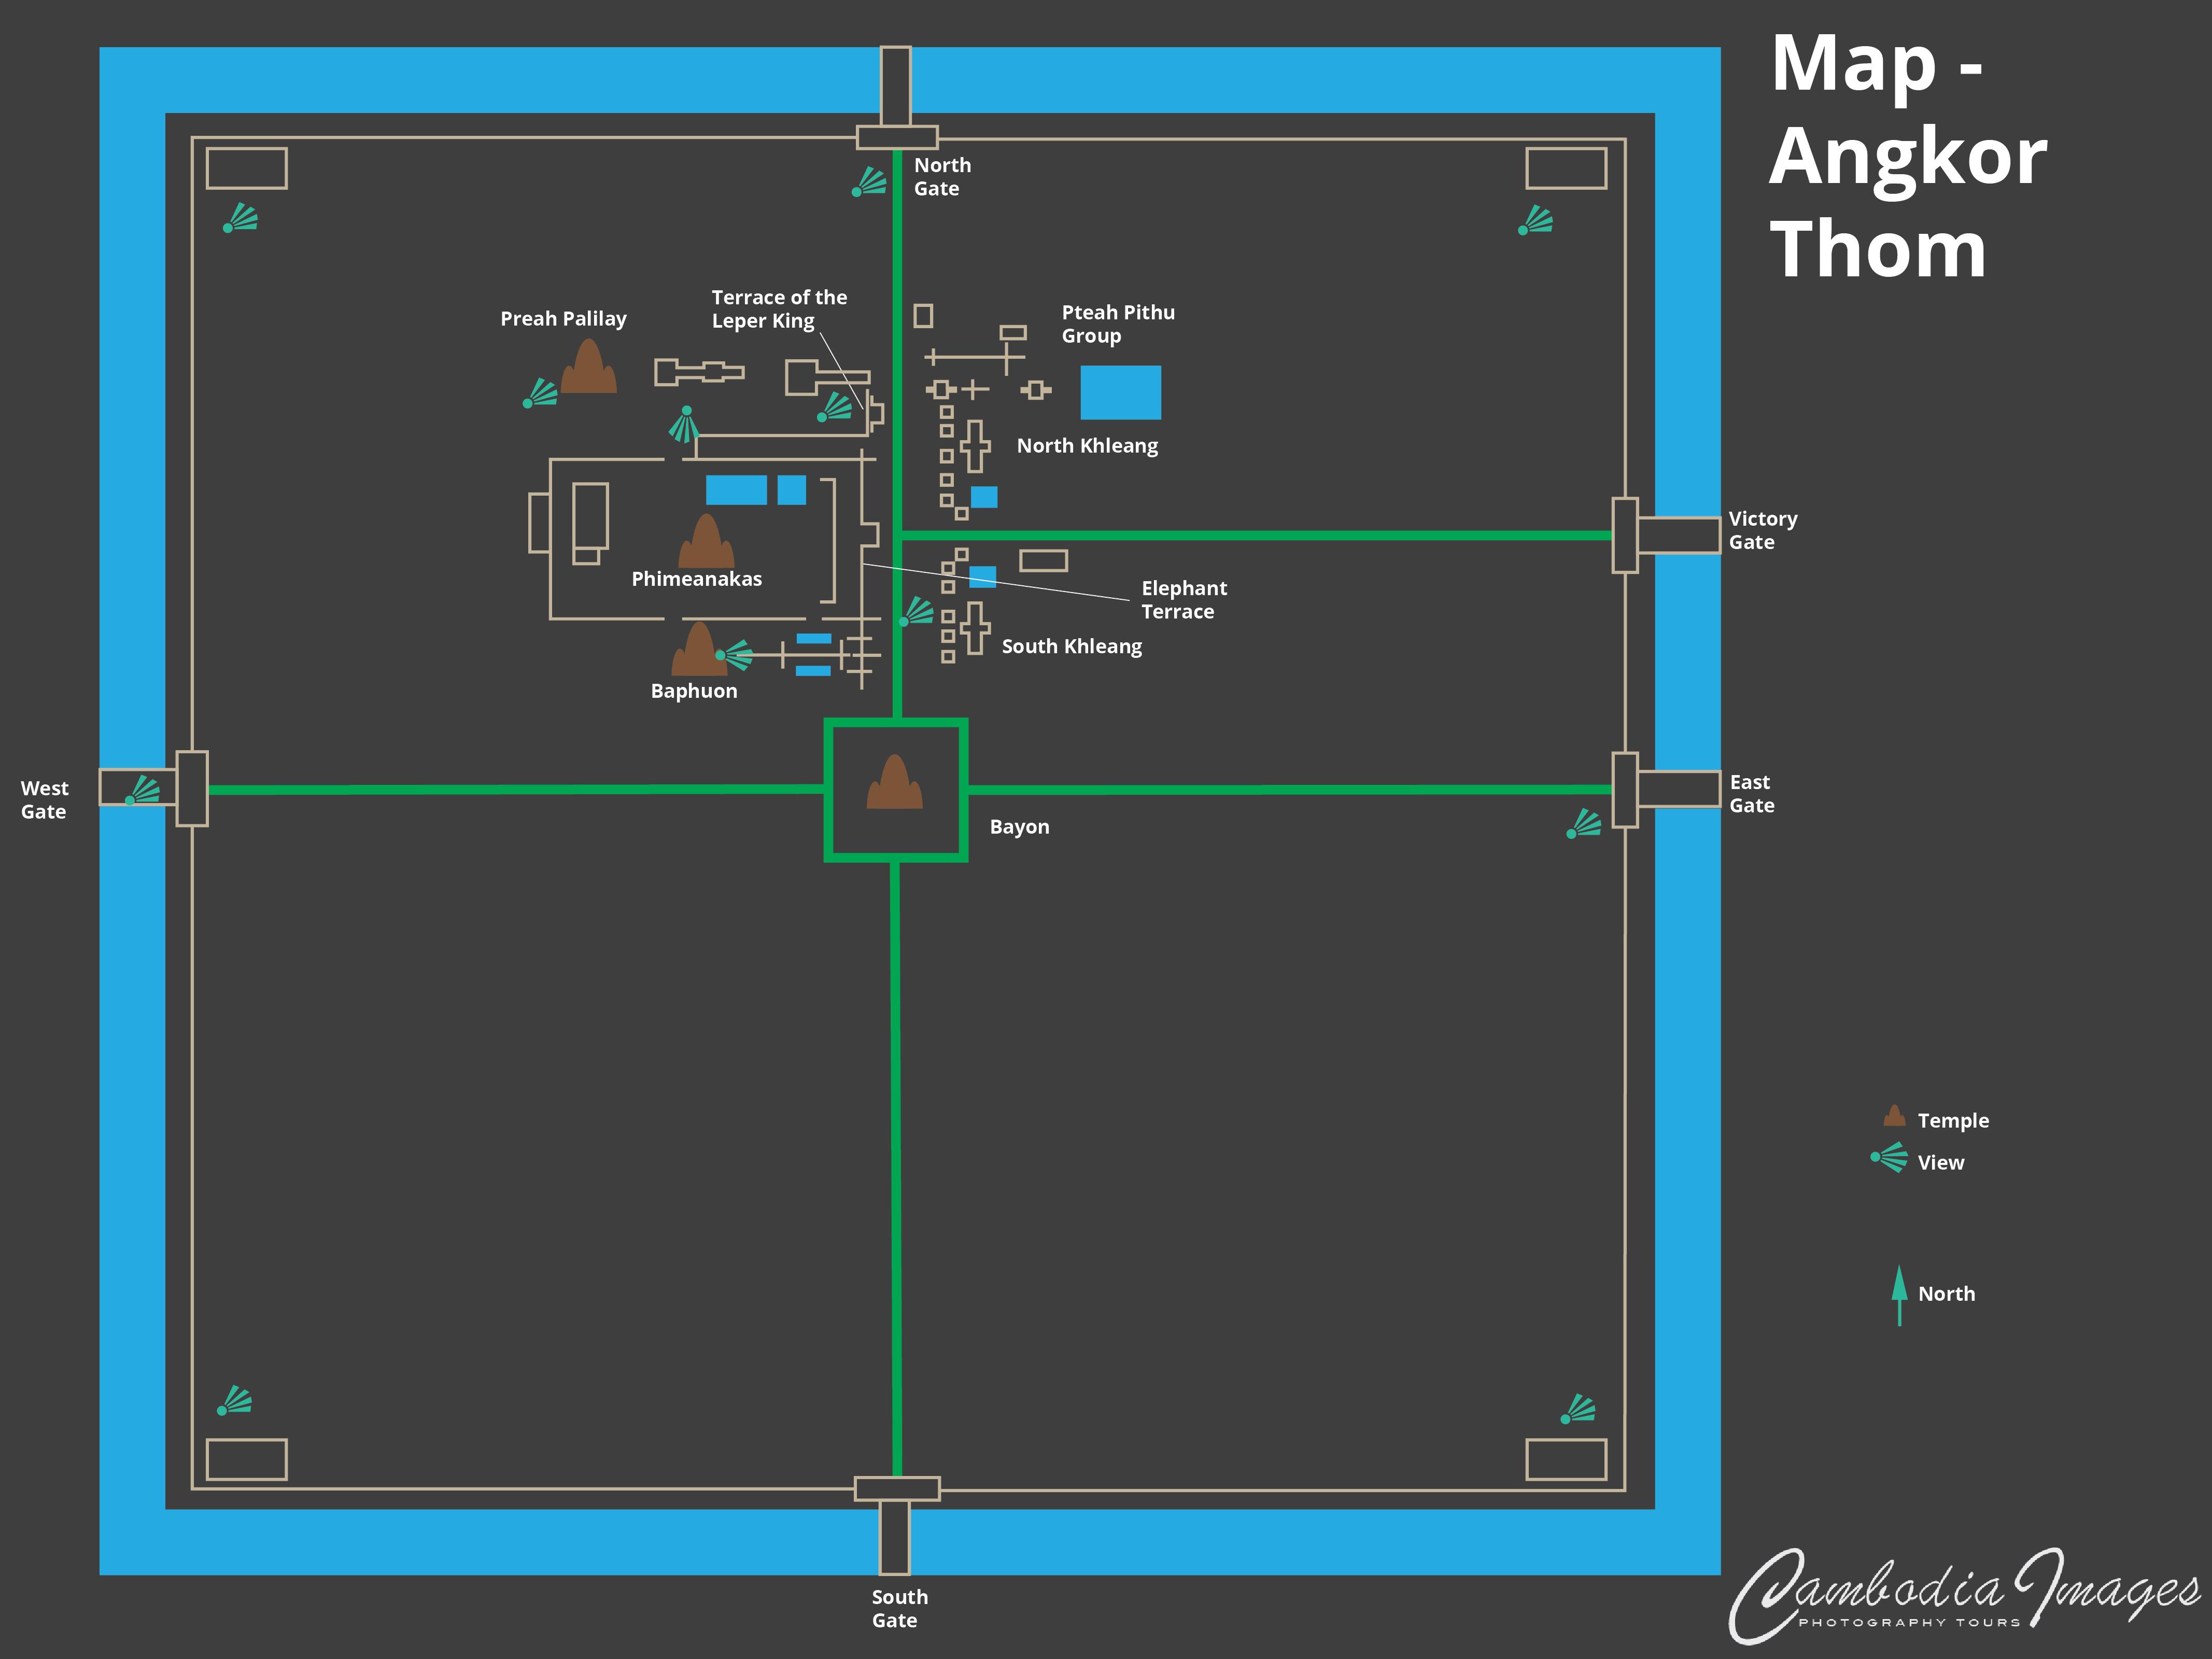 Angkor Thom Map